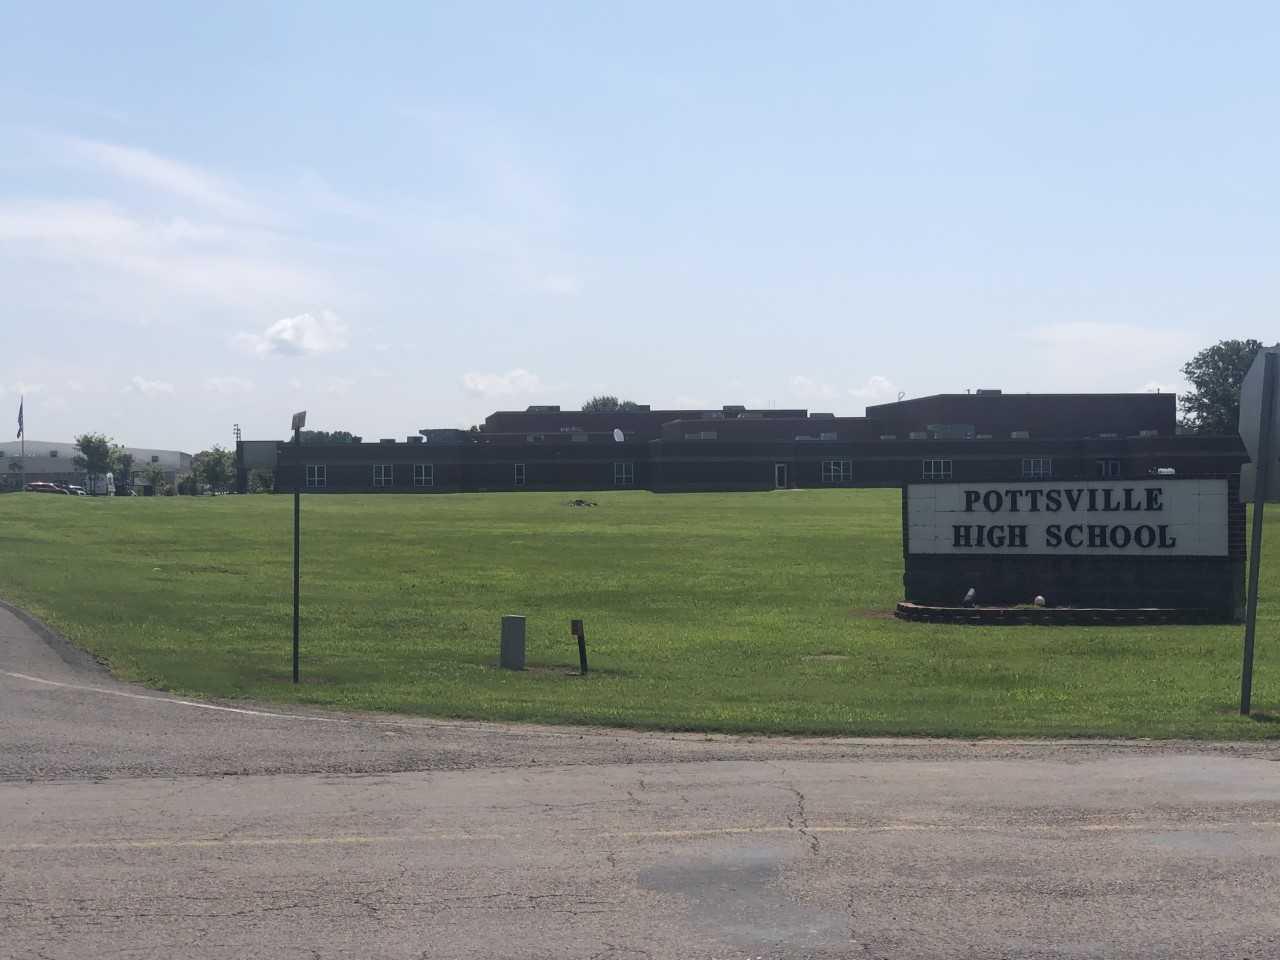 Pottsville schools